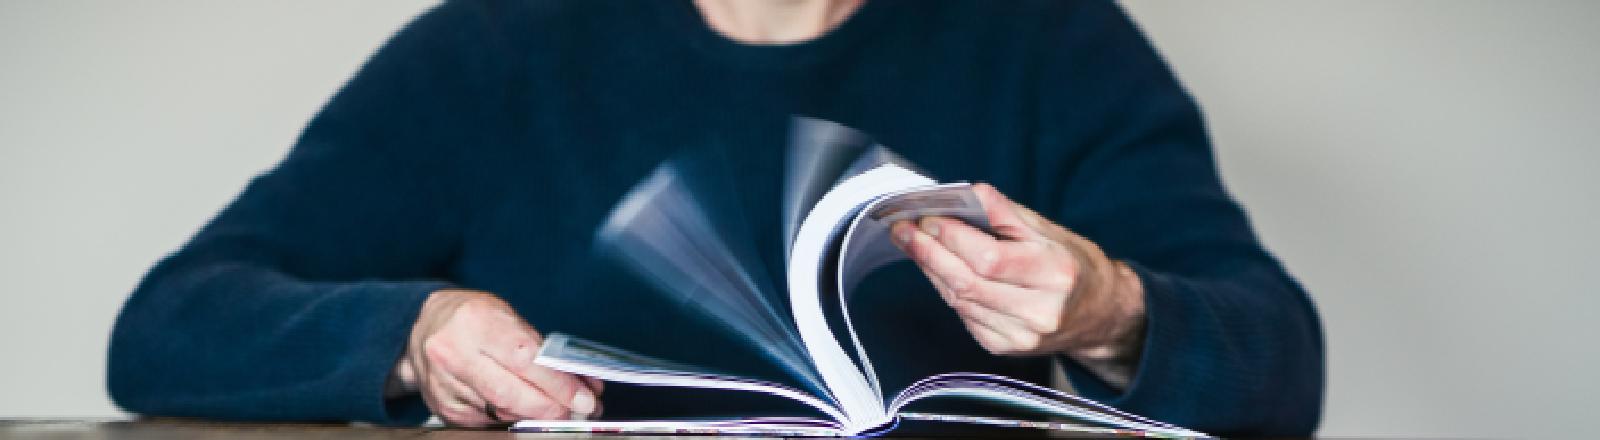 Ein Mann blättert in einem Buch.